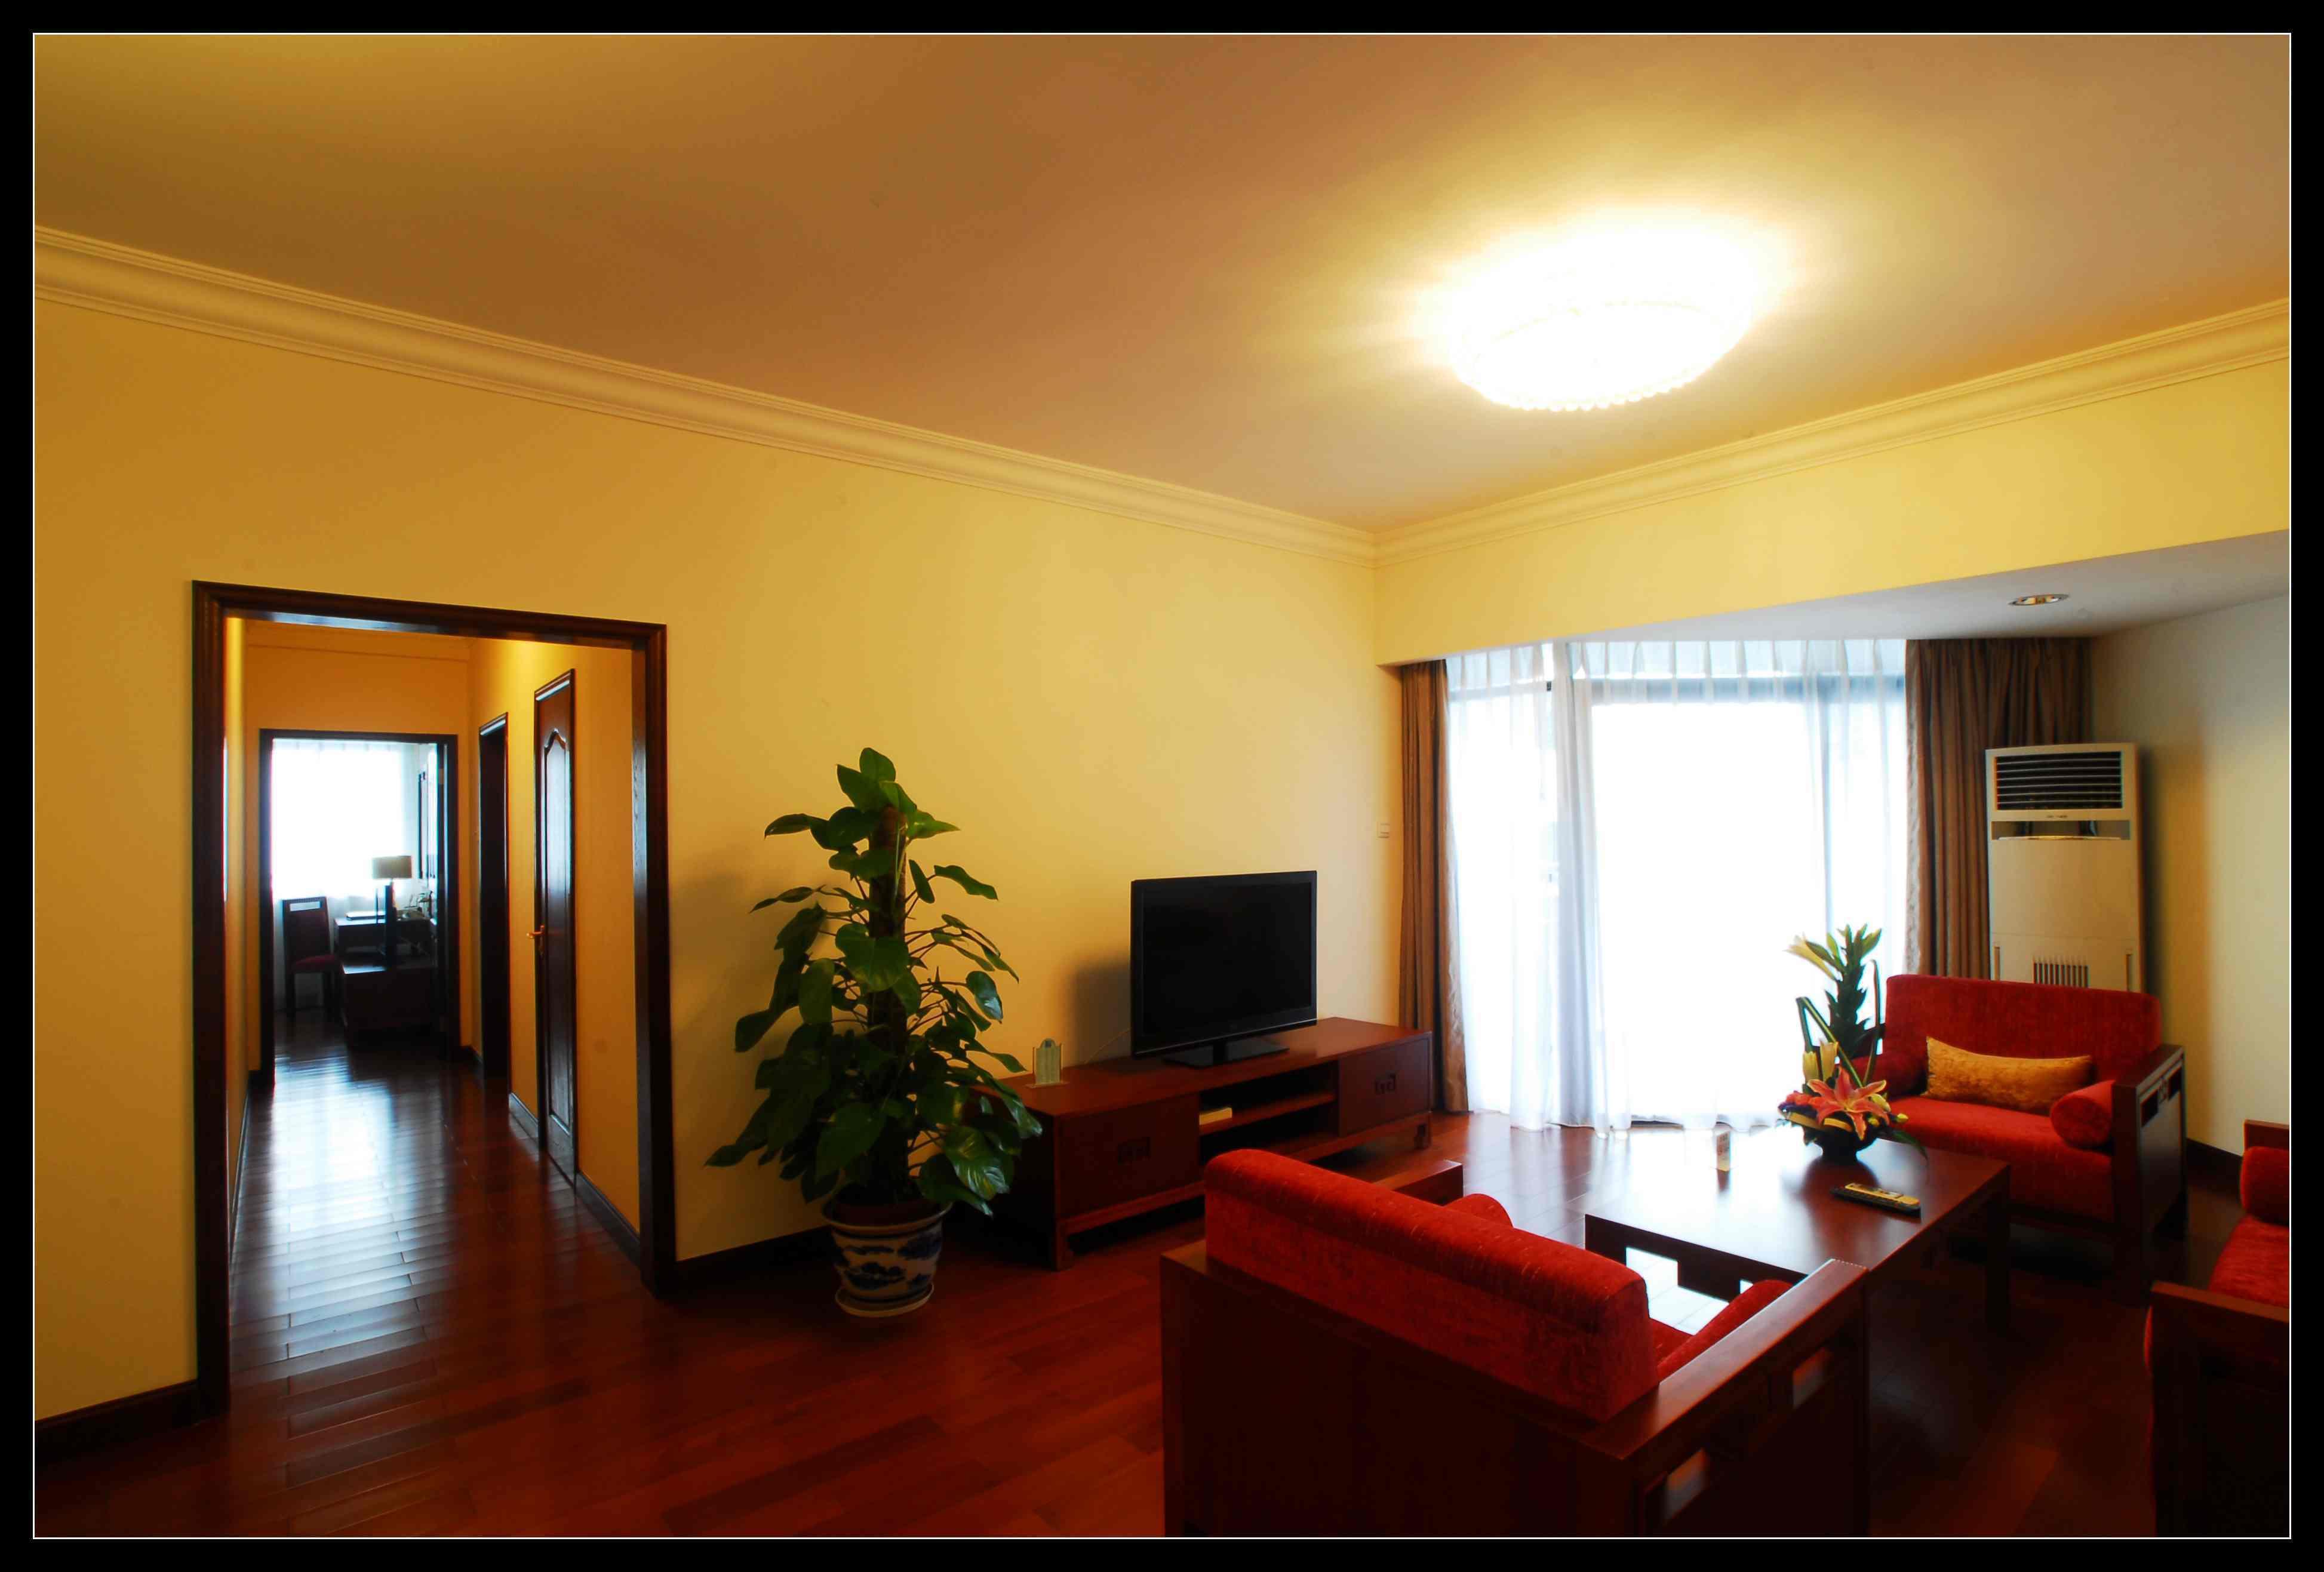 深圳明华国际会议中心-家庭度假套房a型两室一厅(携程贺新春)